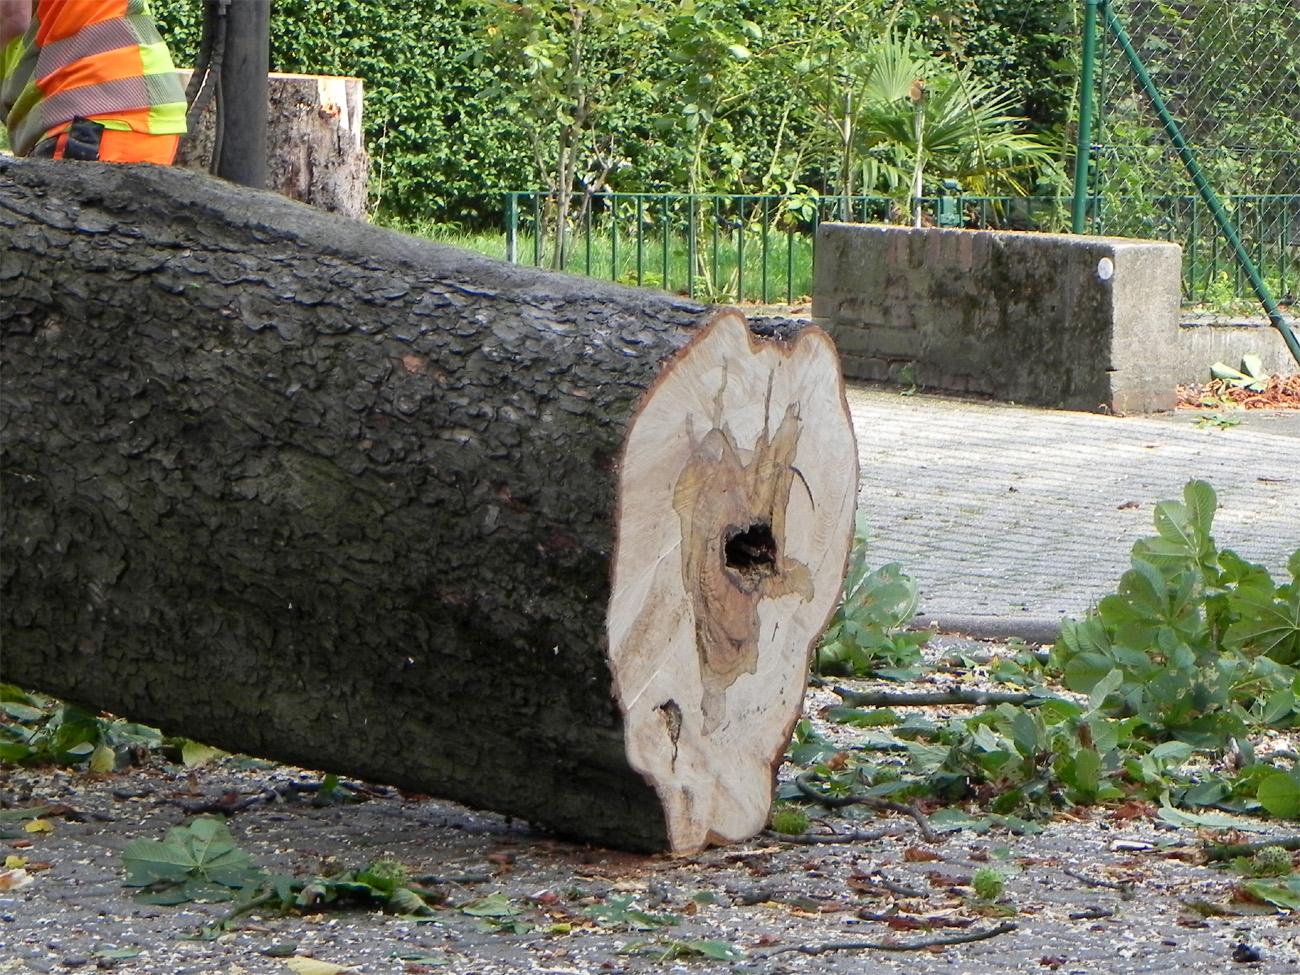 Kranker Baum mit Loch im Stamm